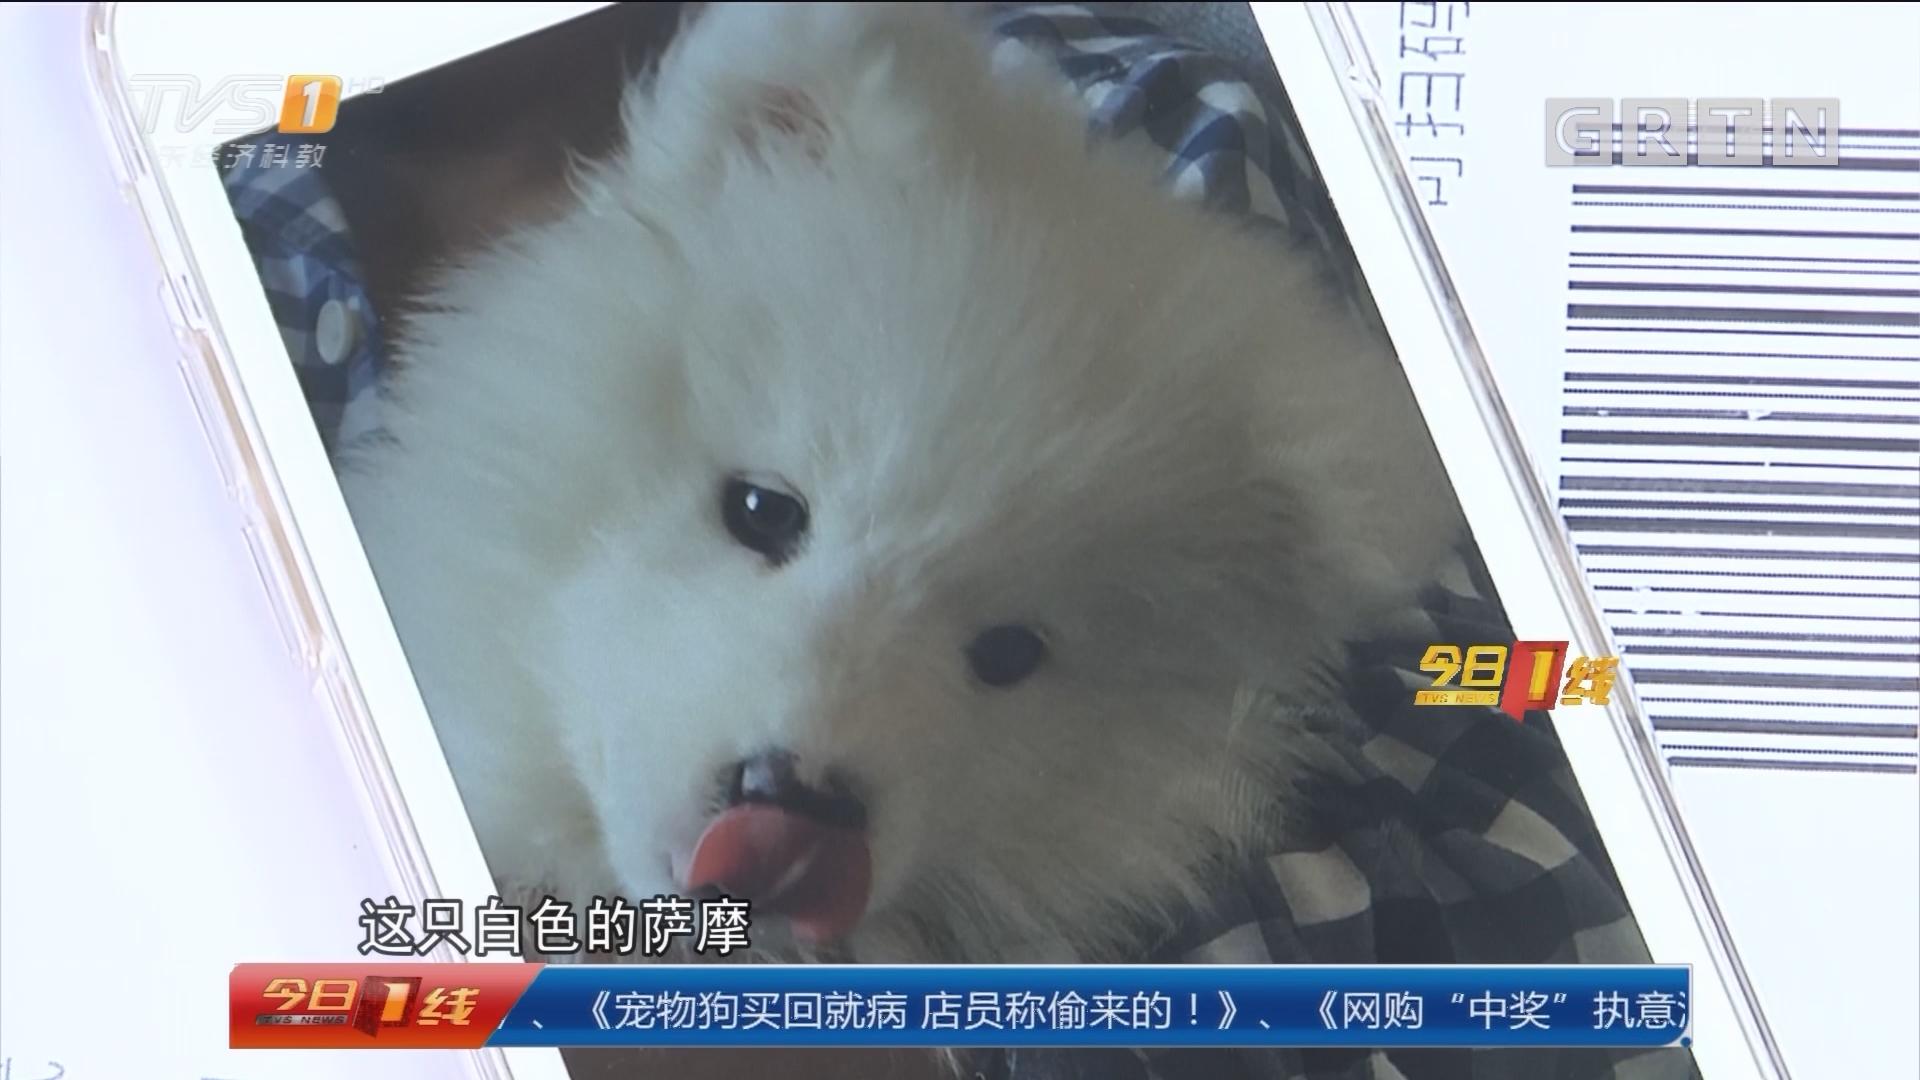 广州:宠物狗买回就病 店员称偷来的!